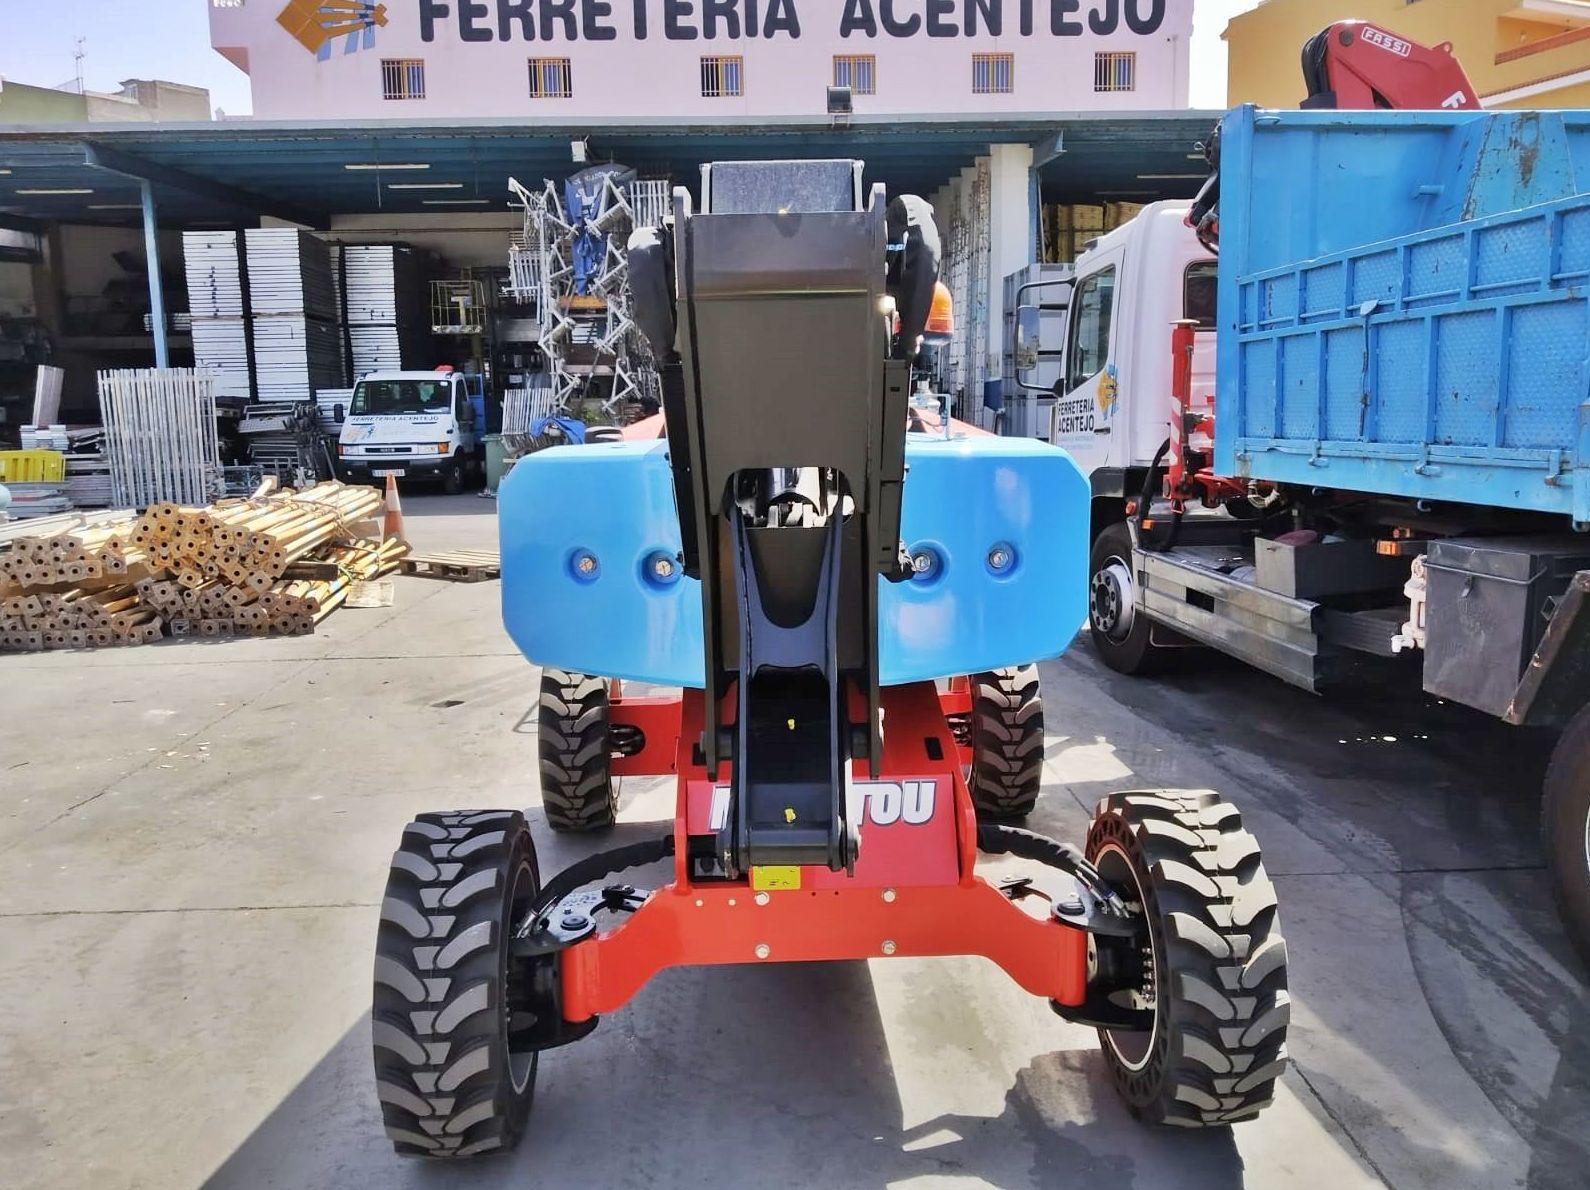 Foto 87 de Máquinas herramienta en La Victoria de Acentejo | Ferretería Acentejo, S.L.